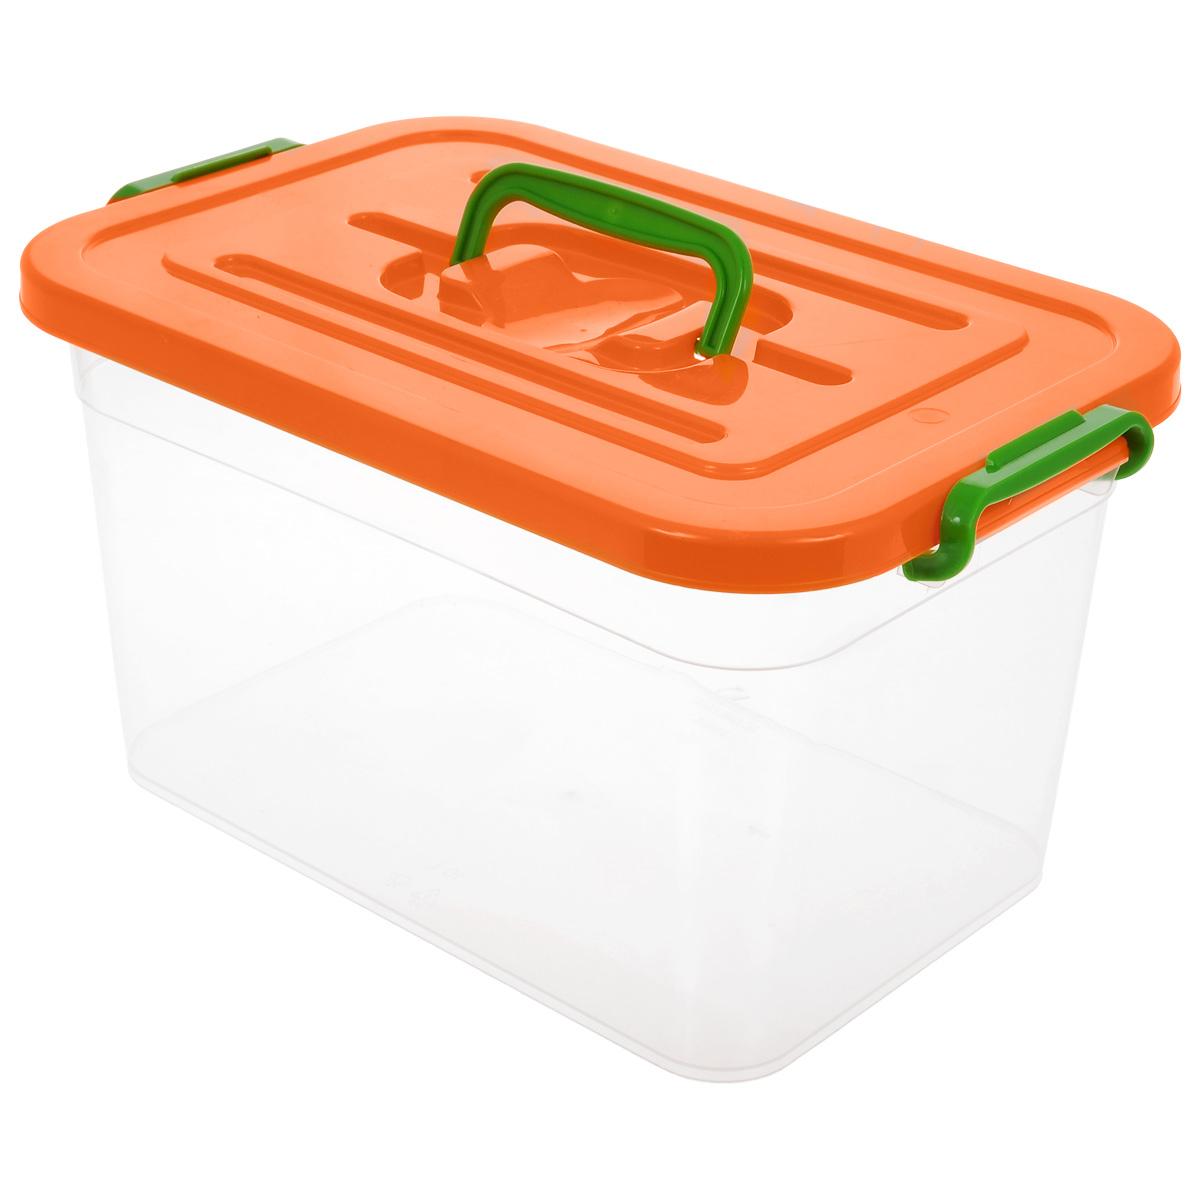 Контейнер для хранения Полимербыт, цвет: прозрачный, оранжевый, 10 лC810Контейнер для хранения Полимербыт выполнен из высококачественного полипропилена. Изделие снабжено удобной ручкой и двумя фиксаторами по бокам, придающими дополнительную надежность закрывания крышки. Вместительный контейнер позволит сохранить различные нужные вещи в порядке, а герметичная крышка предотвратит случайное открывание, а также защитит содержимое от пыли и грязи.